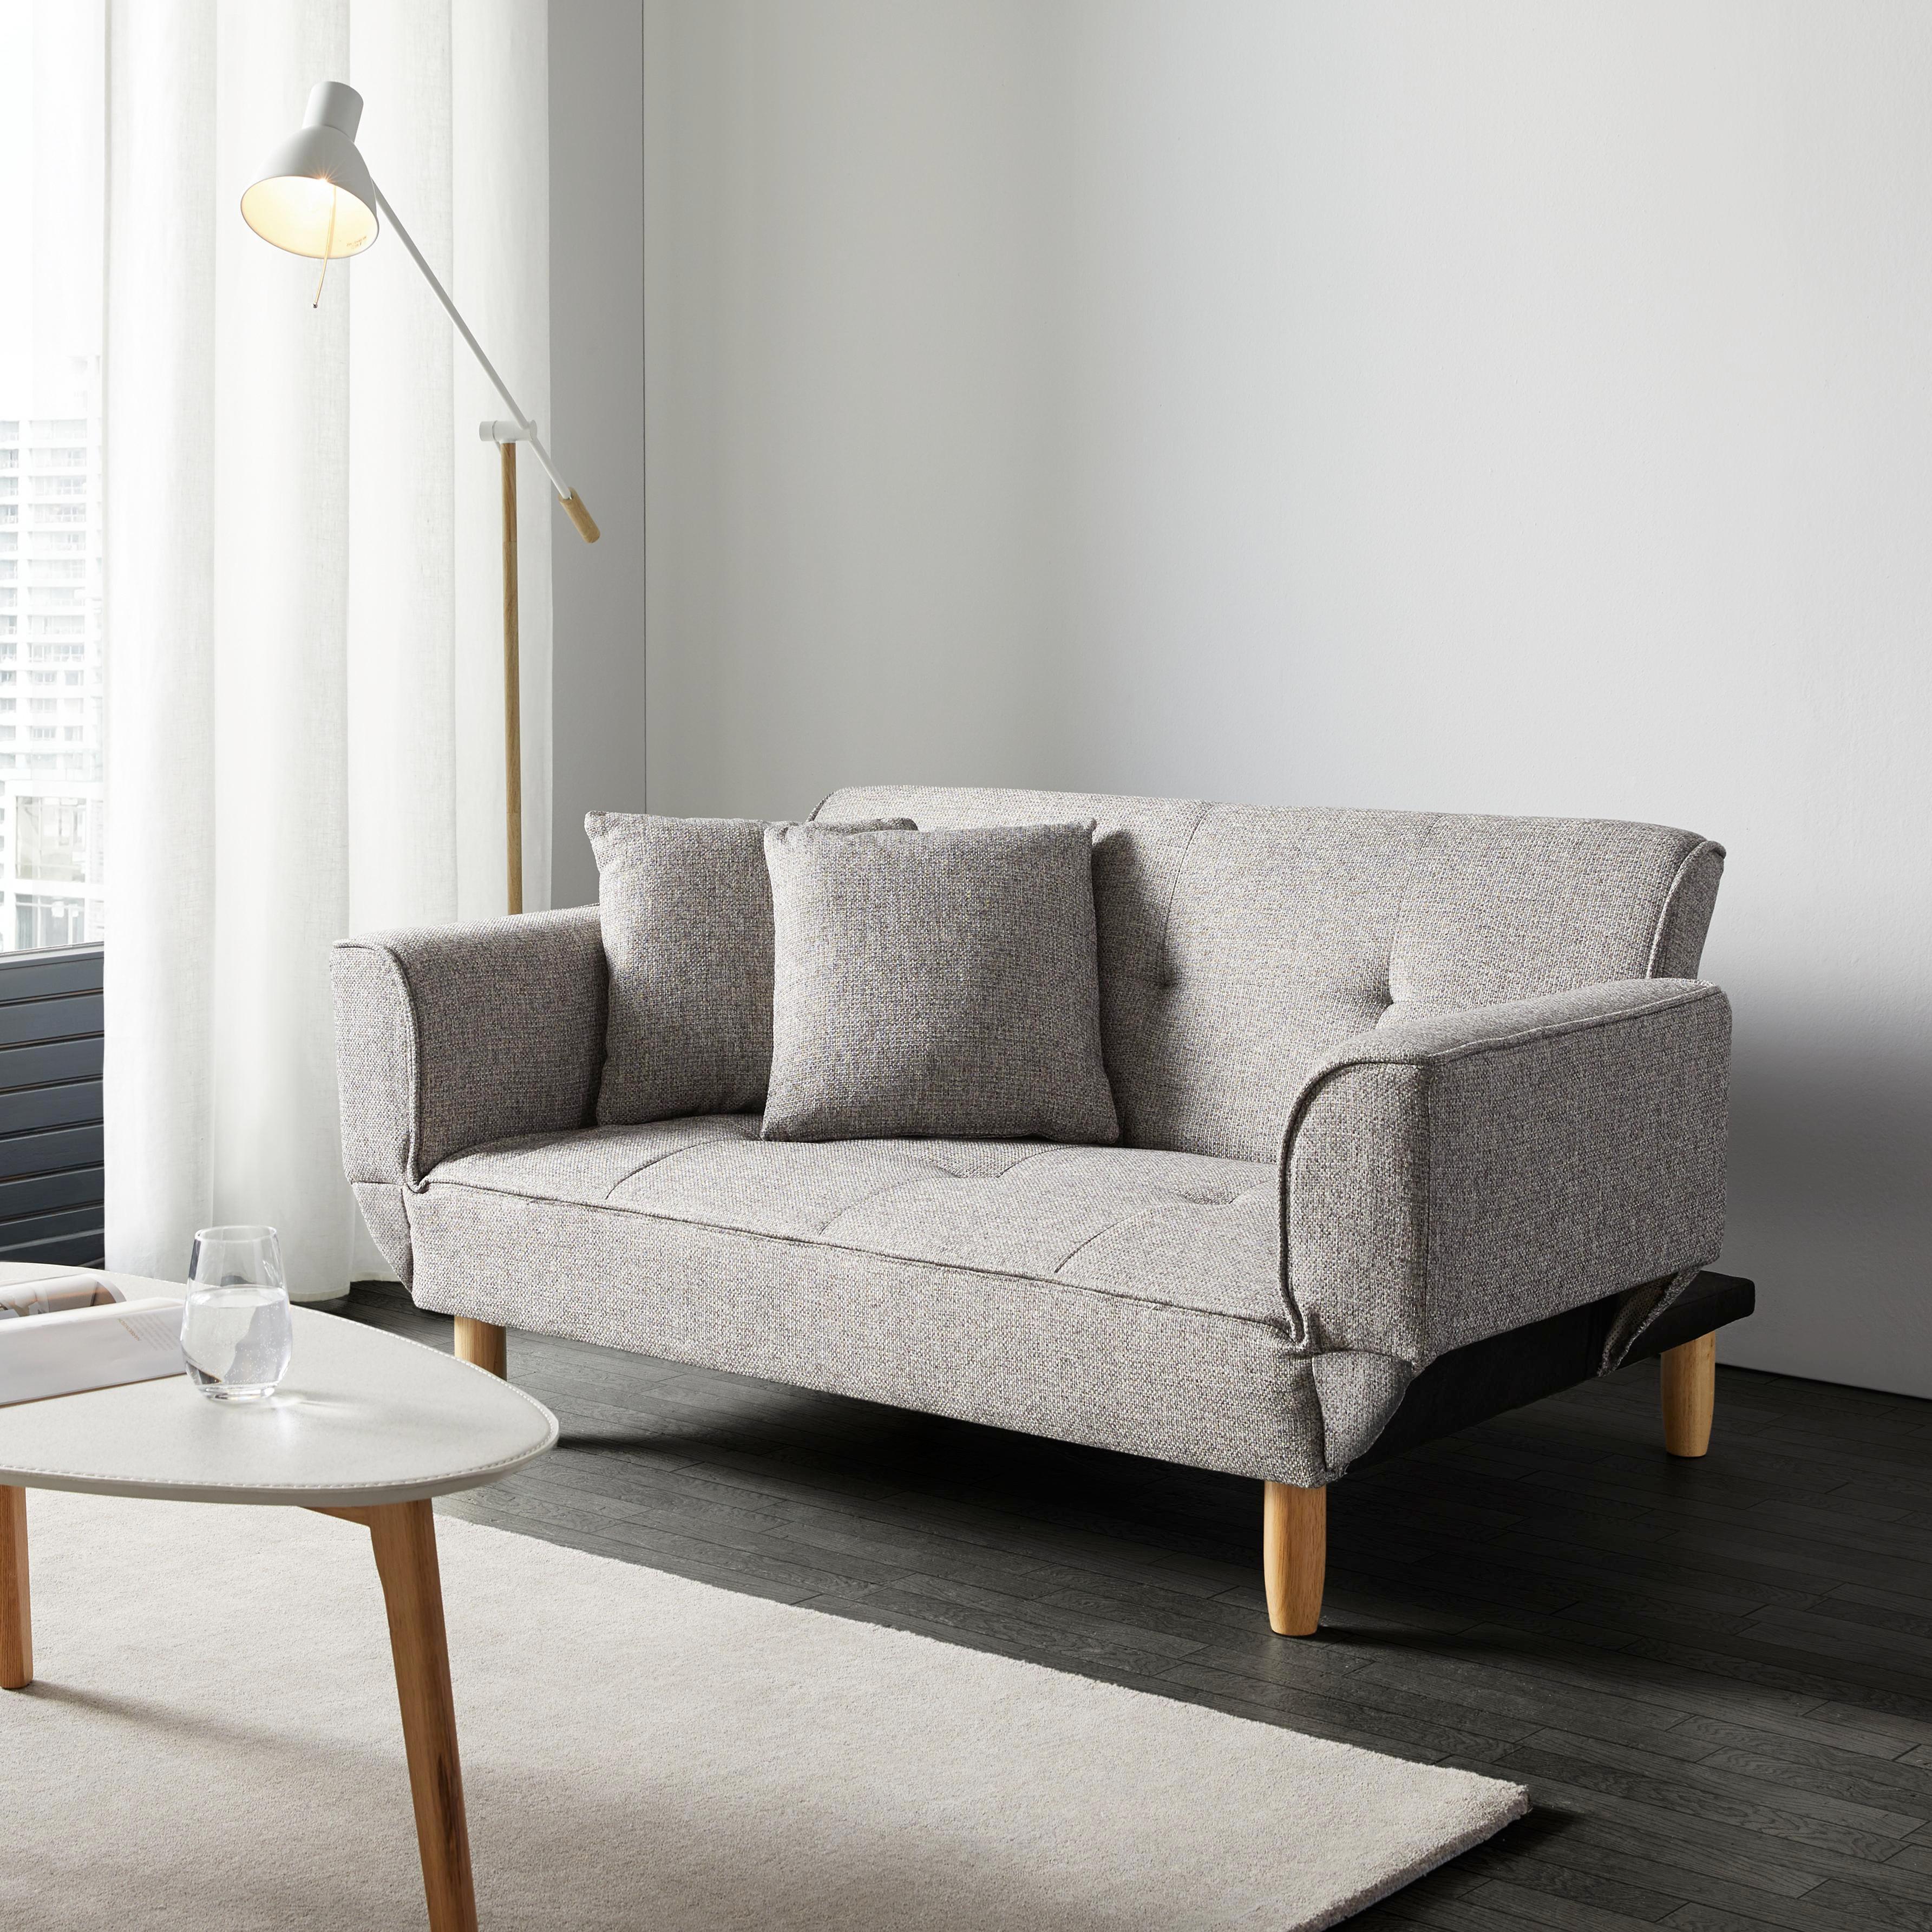 Sofa Miriam Mit Schlaffunktion Inkl. Kissen   Hellgrau, MODERN, Holz/Textil  (